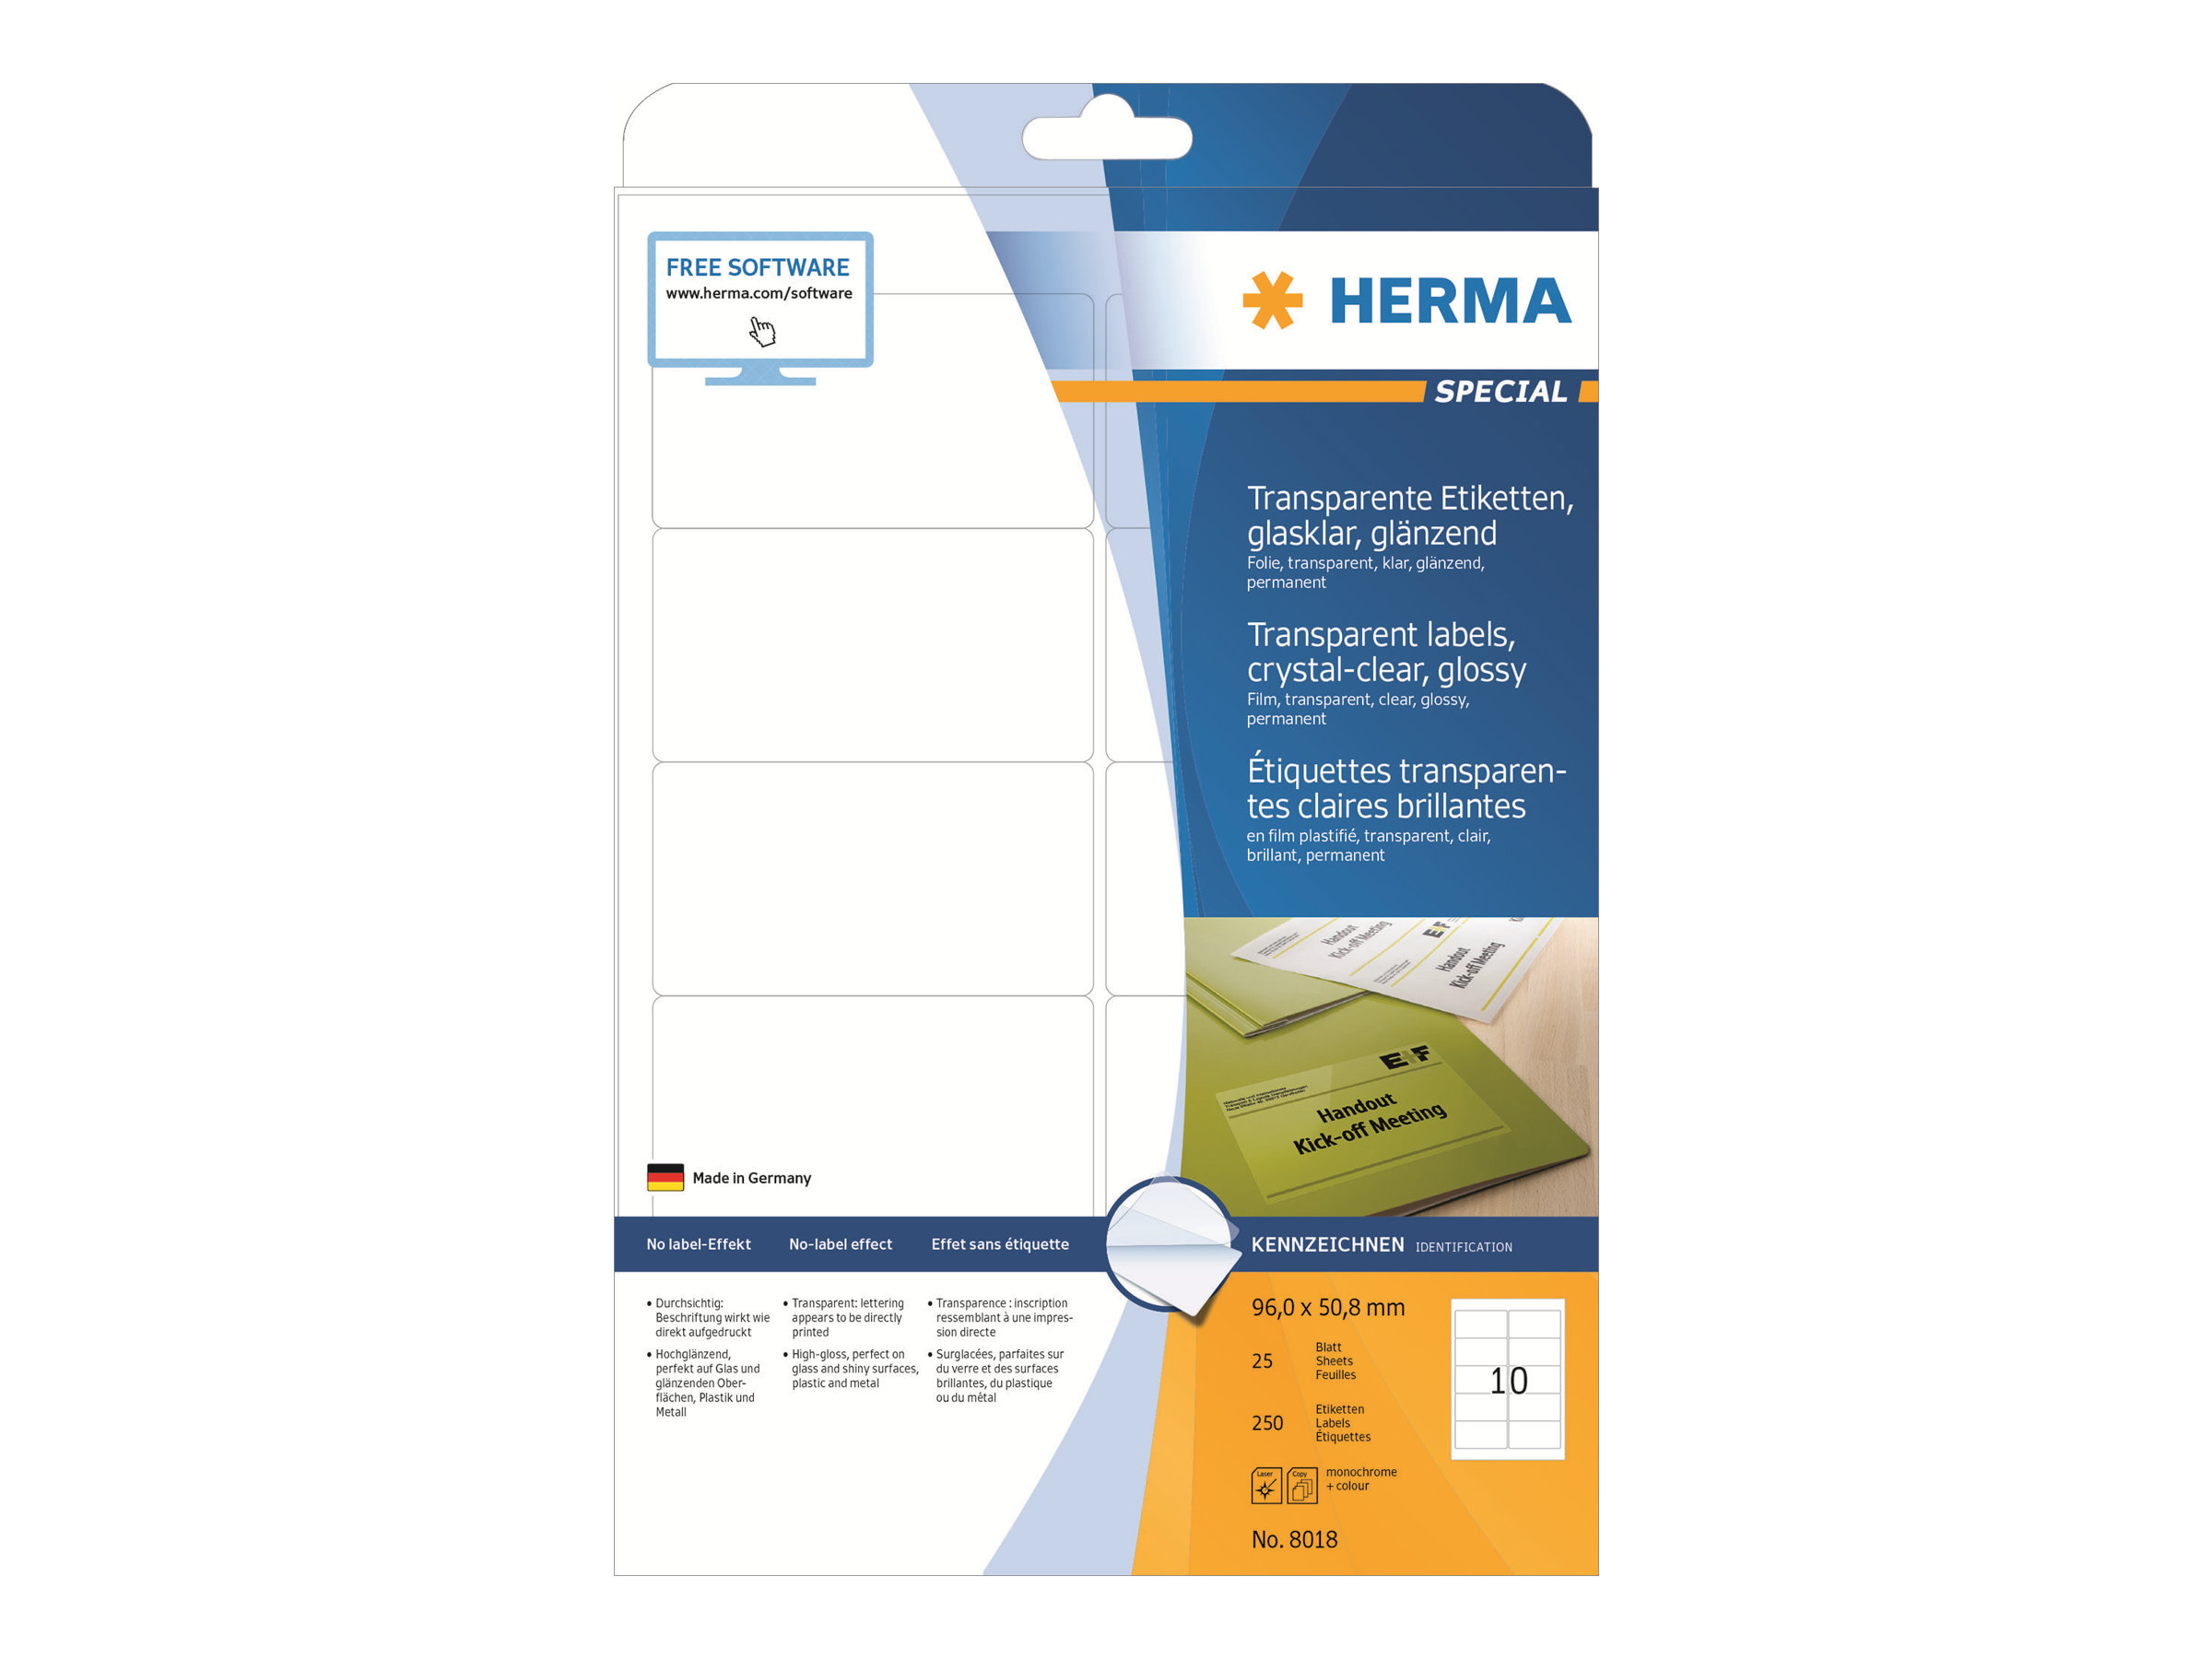 HERMA Selbstklebend - durchsichtig - 50.8 x 96 mm 250 Etikett(en) (25 Bogen x 10)